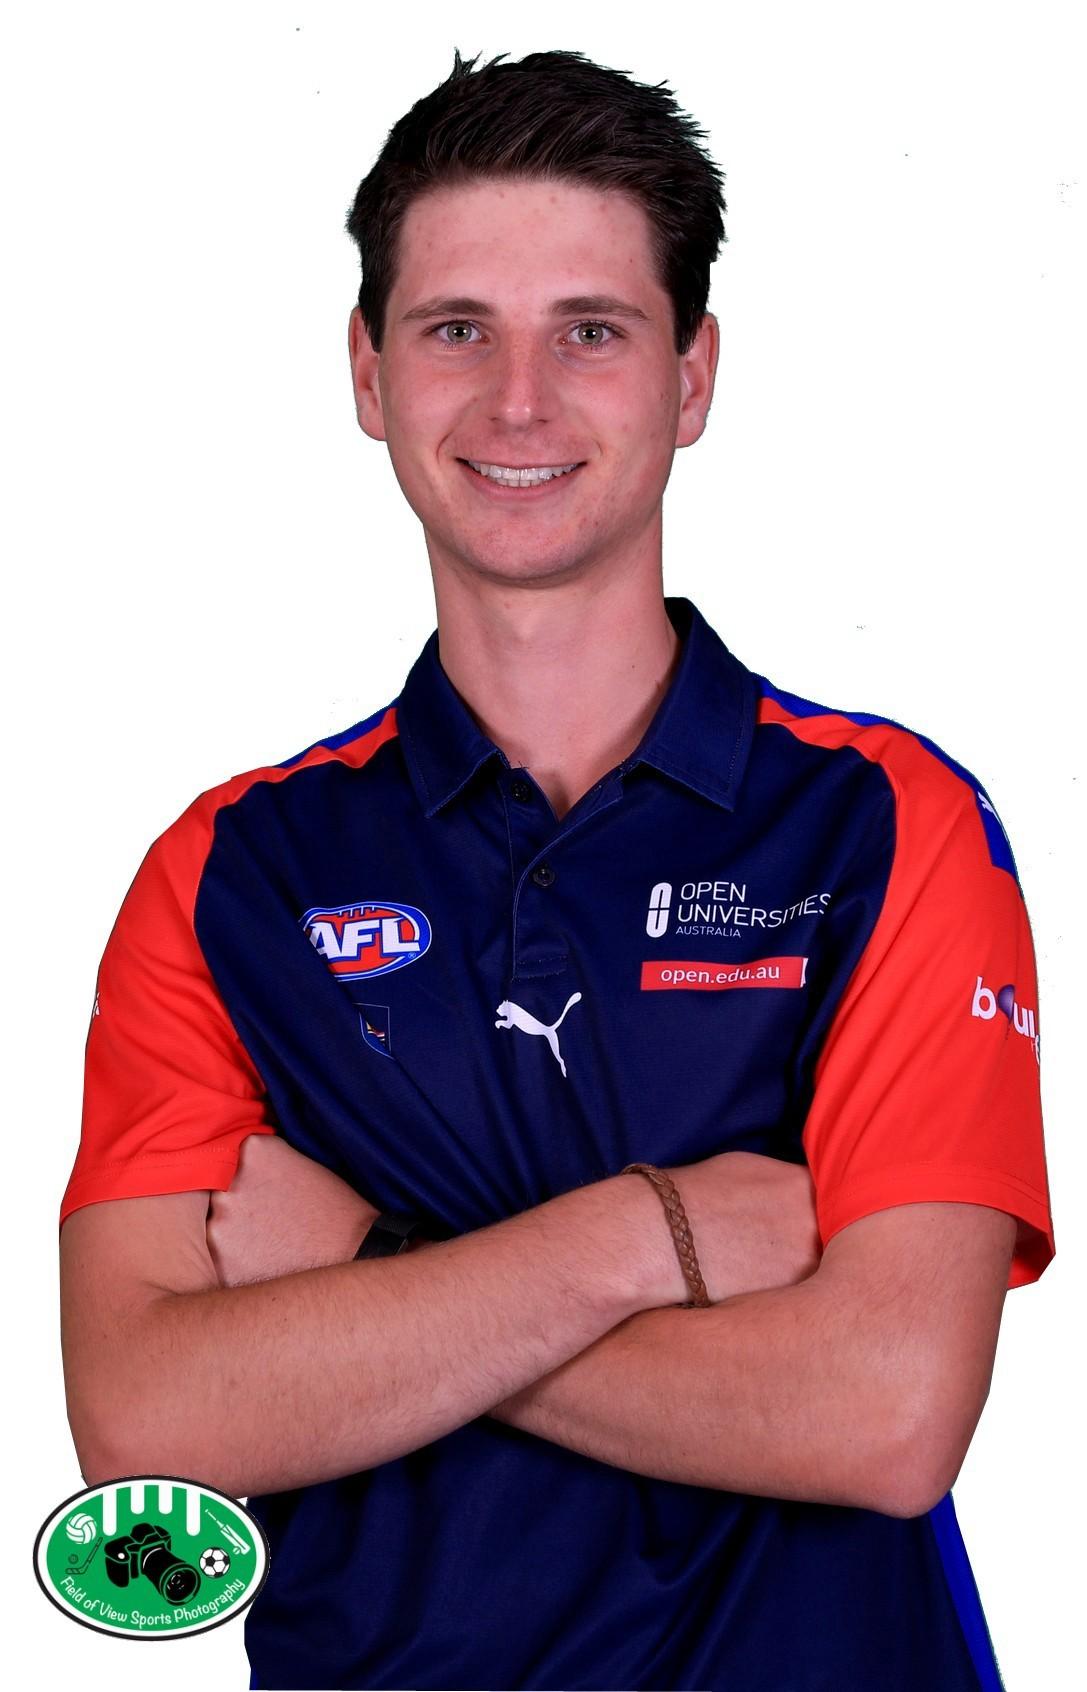 Sebastian Mullers